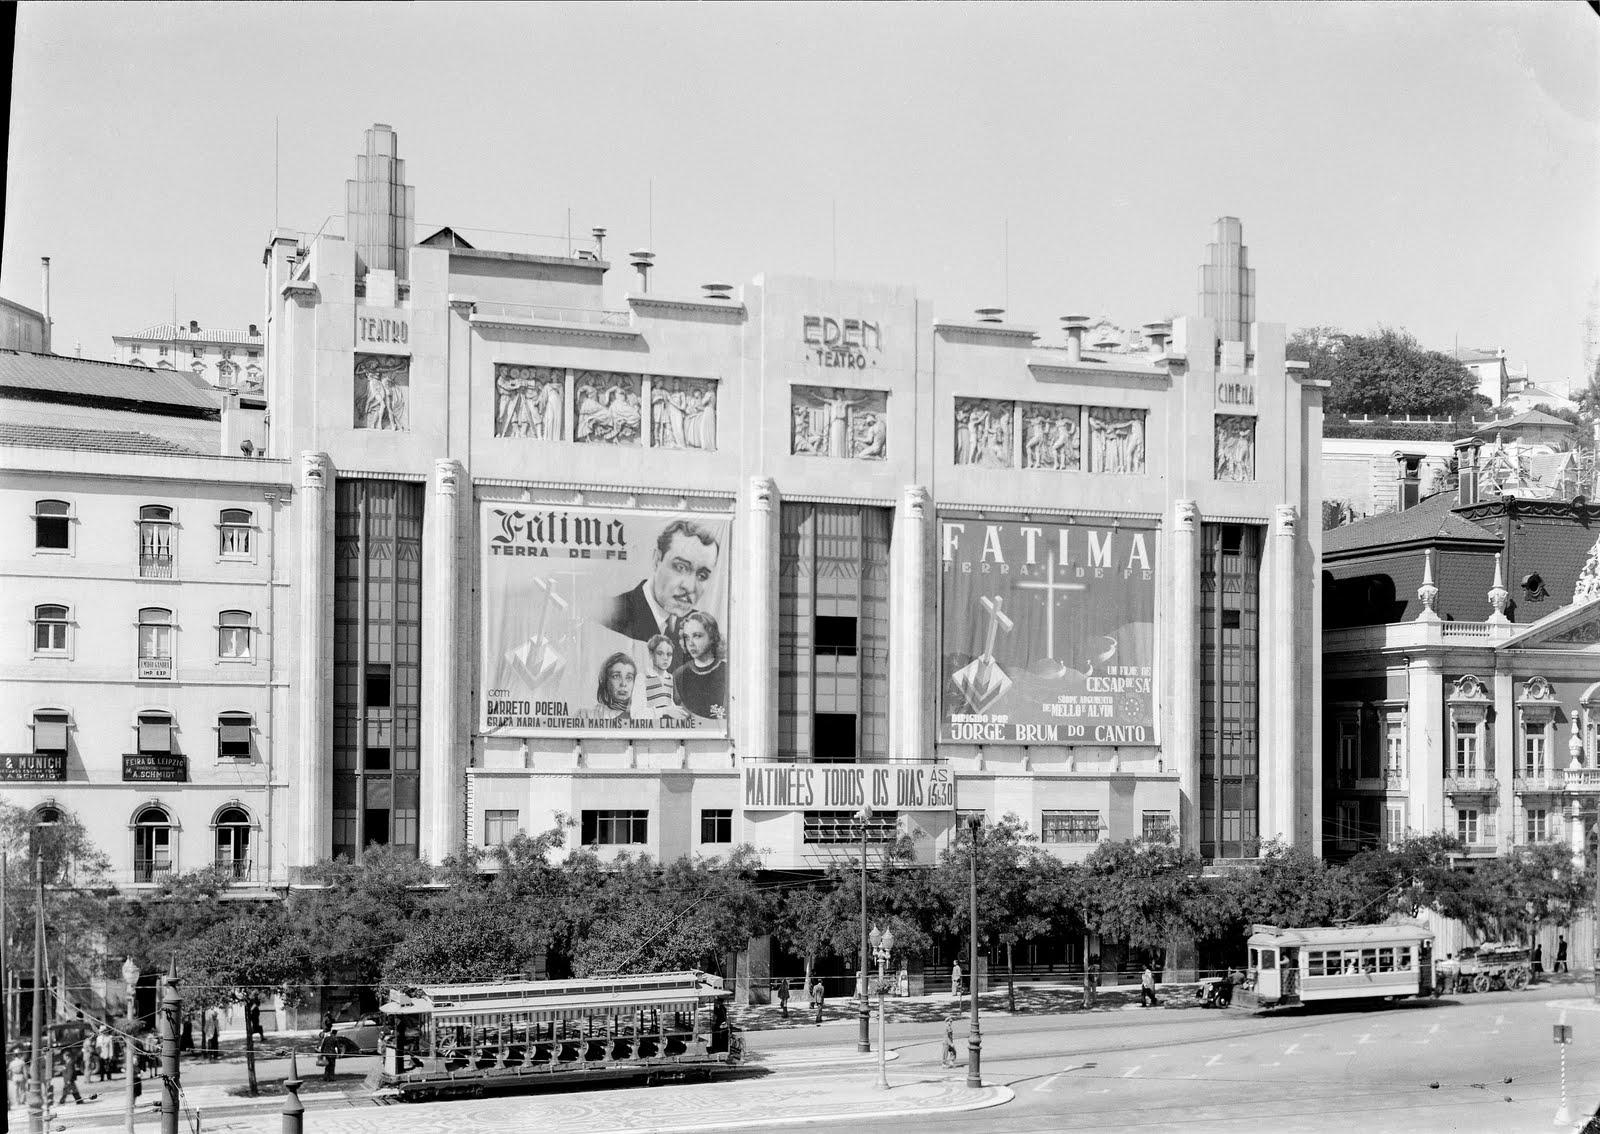 Eden Teatro